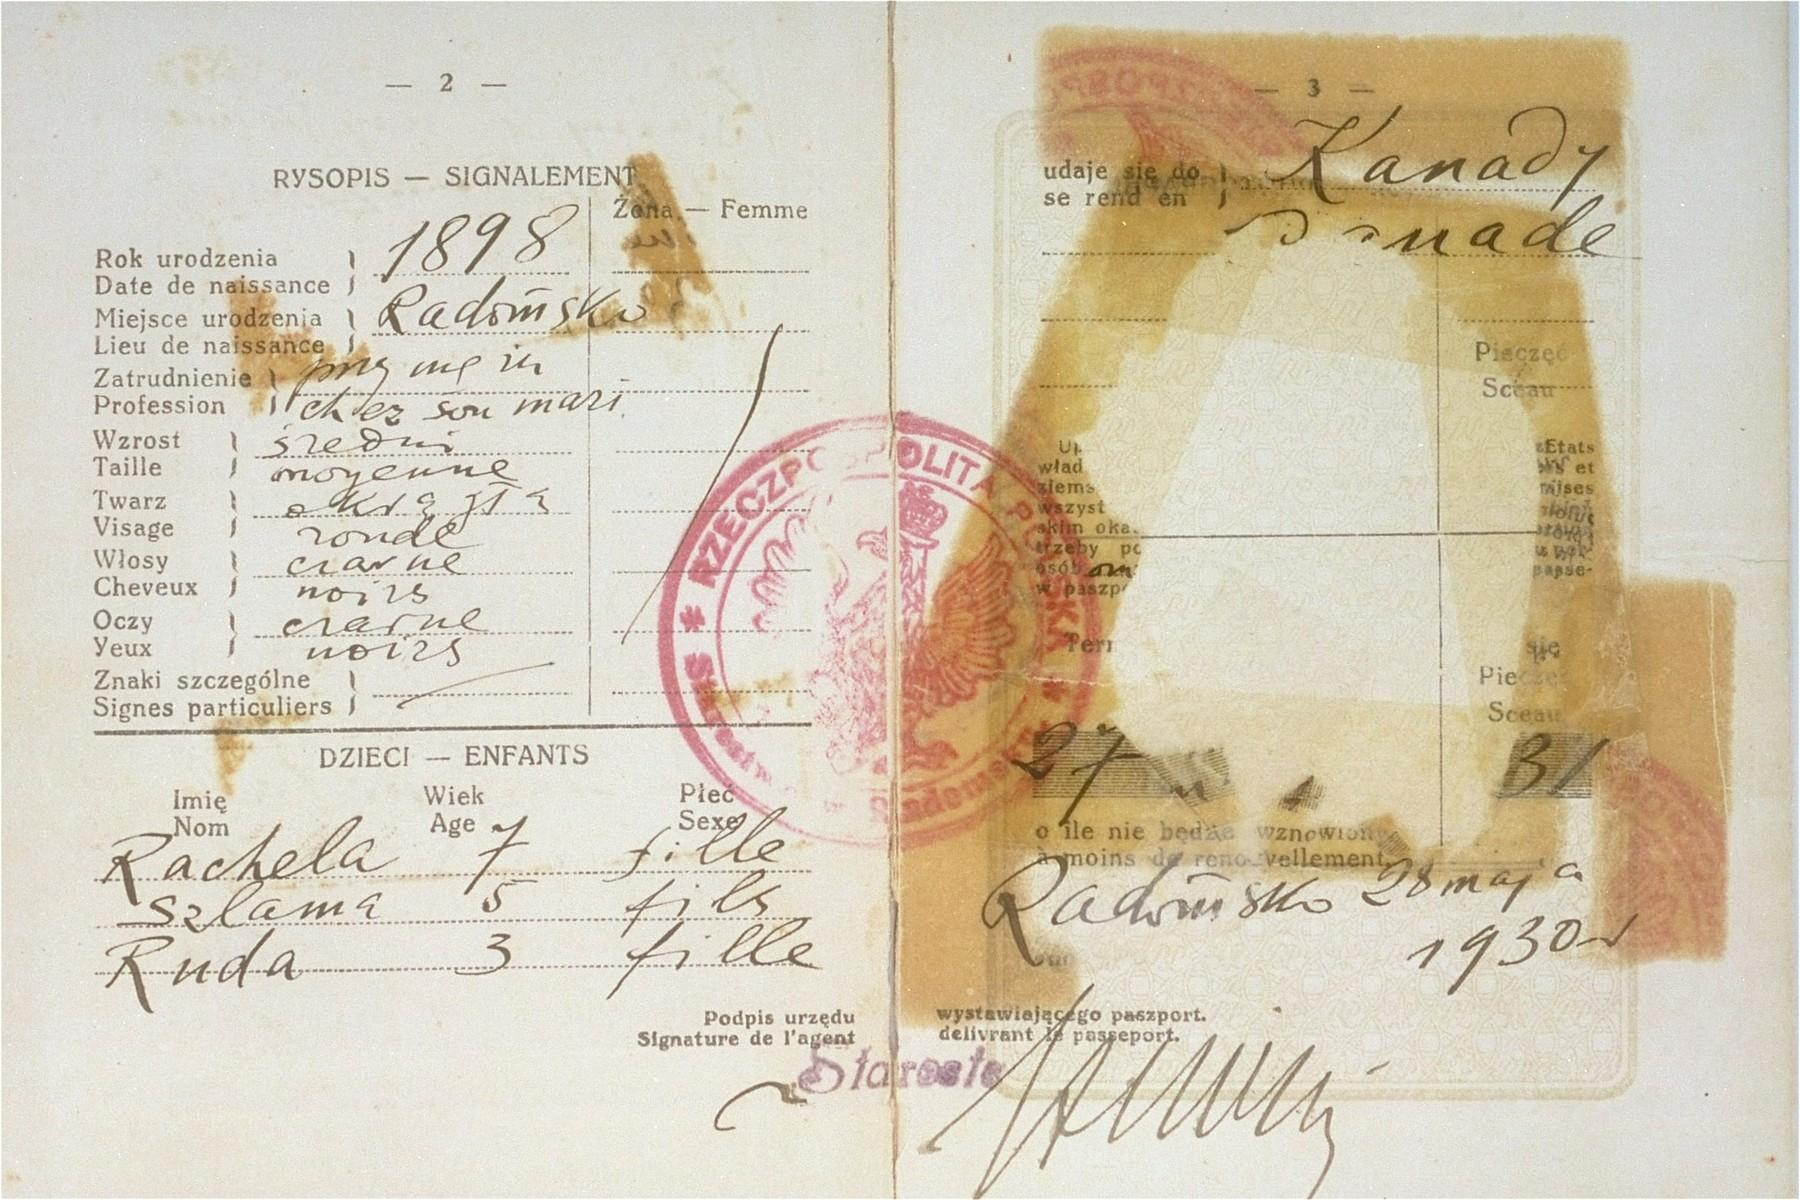 Passport of Frymeta Goldberg.